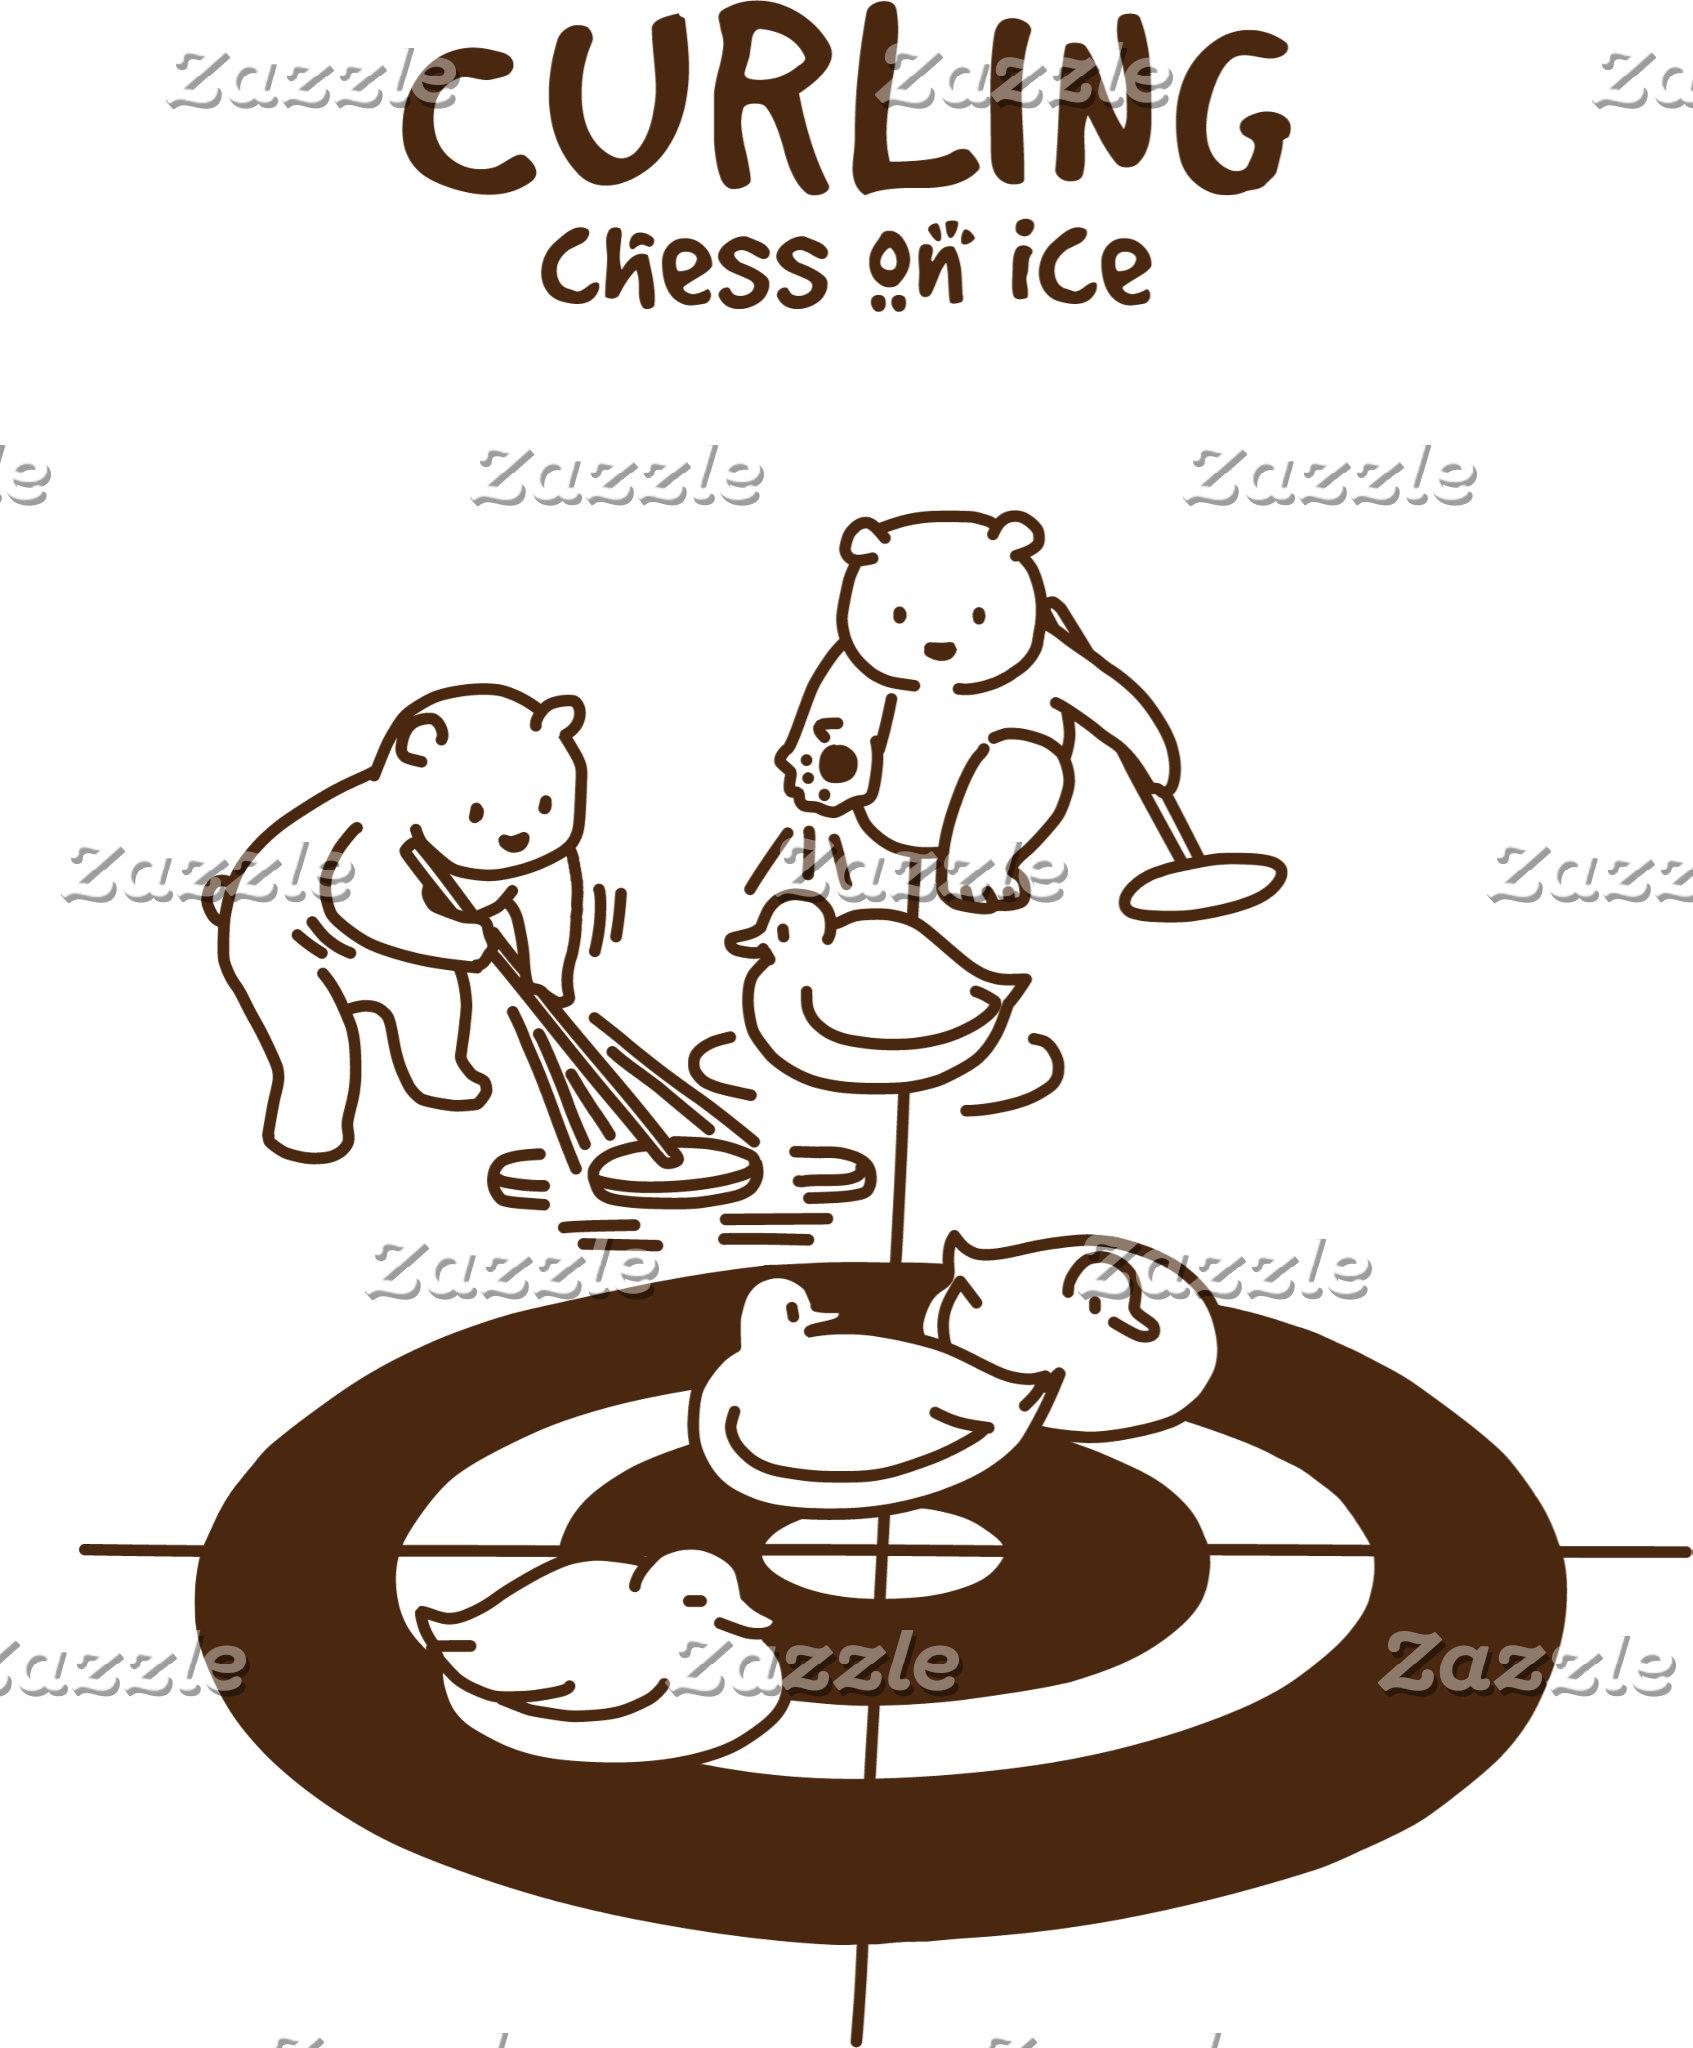 【鴨カーリング(茶)】 Mallard Curling (brown)